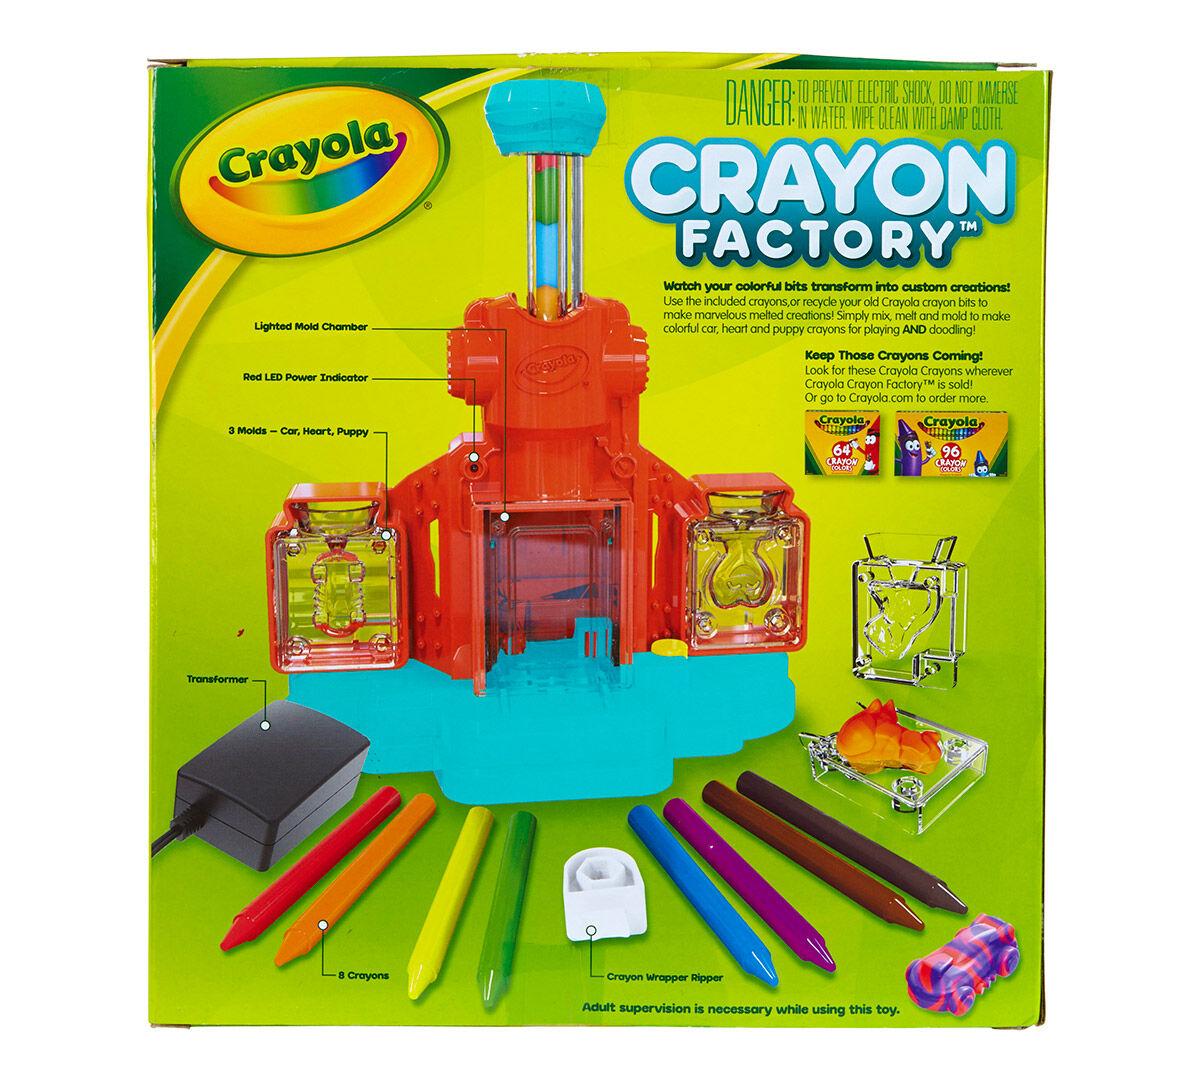 crayon factory crayola